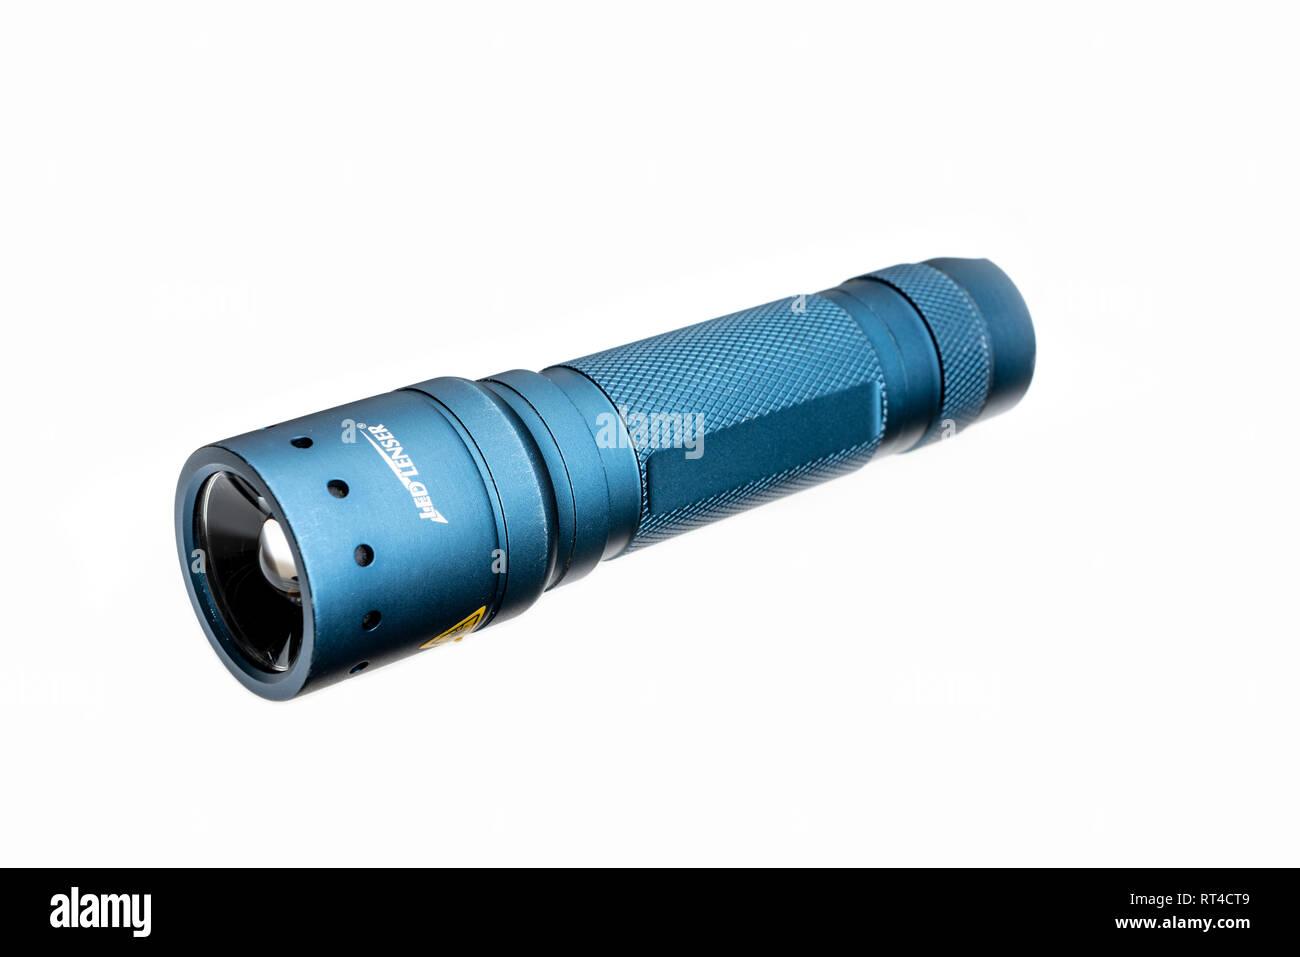 Led Lenser hand held torch or flashlight. - Stock Image